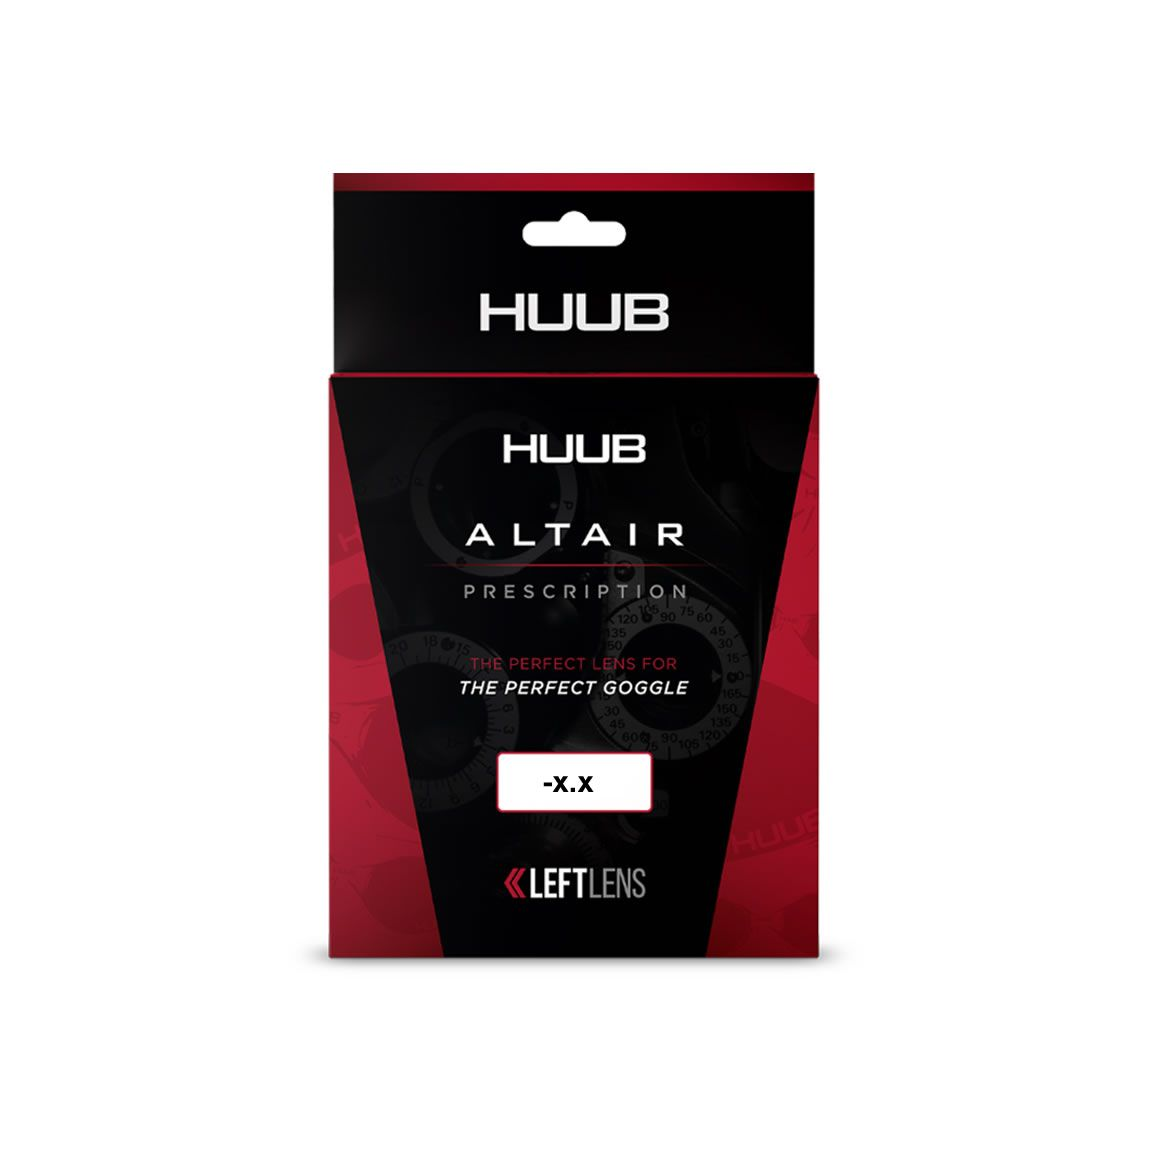 HUUB Altair Schwimmbrillen-Gläser- Links -3.5